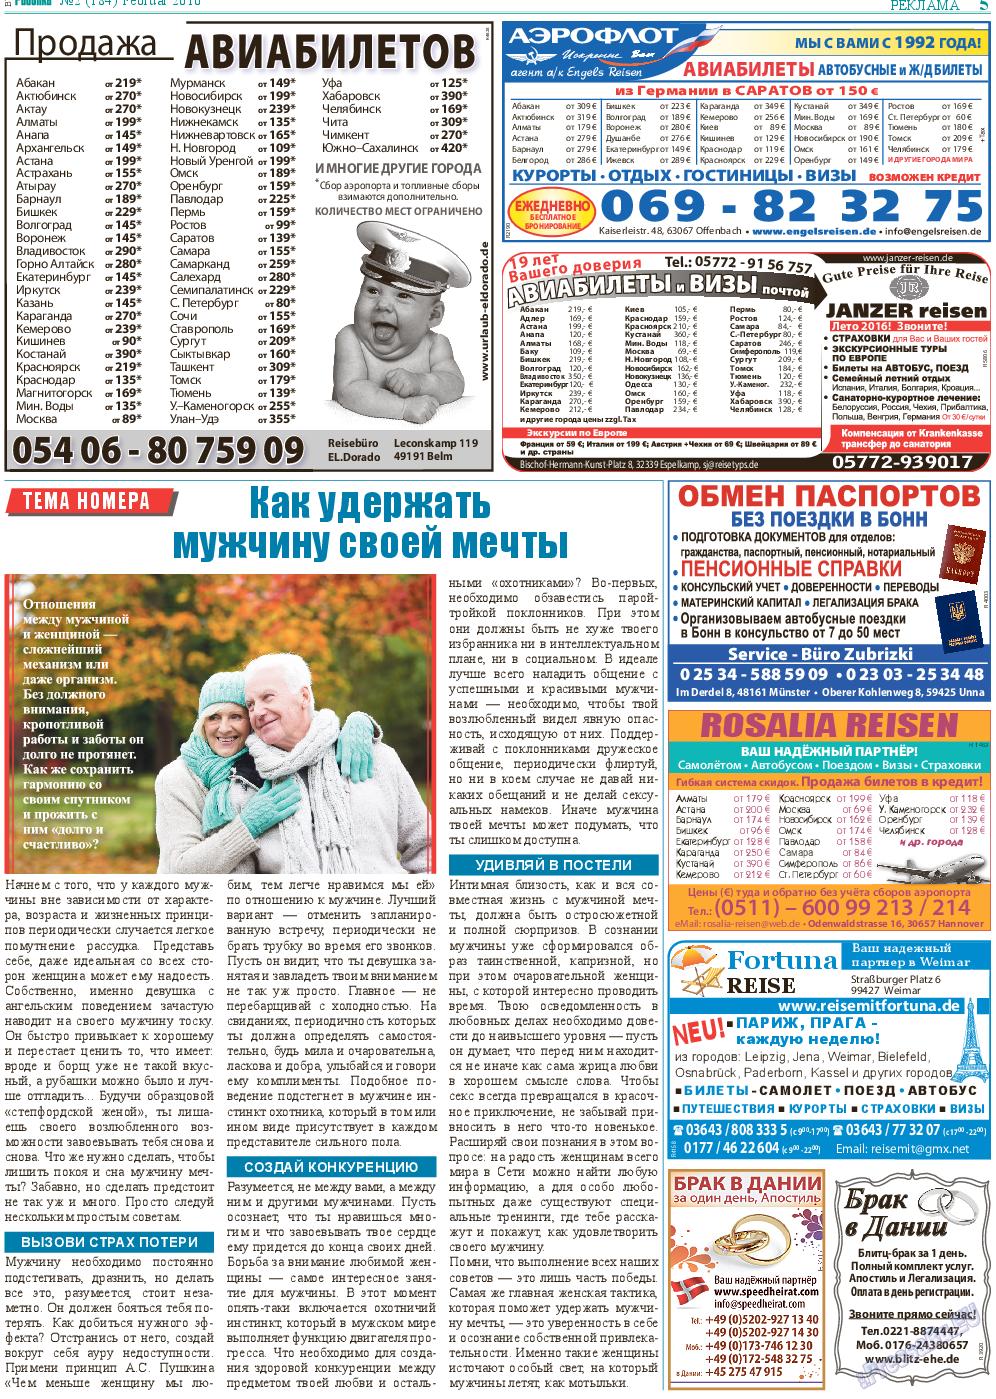 Районка-Nord-Ost-Bremen-NRW (газета). 2016 год, номер 2, стр. 5